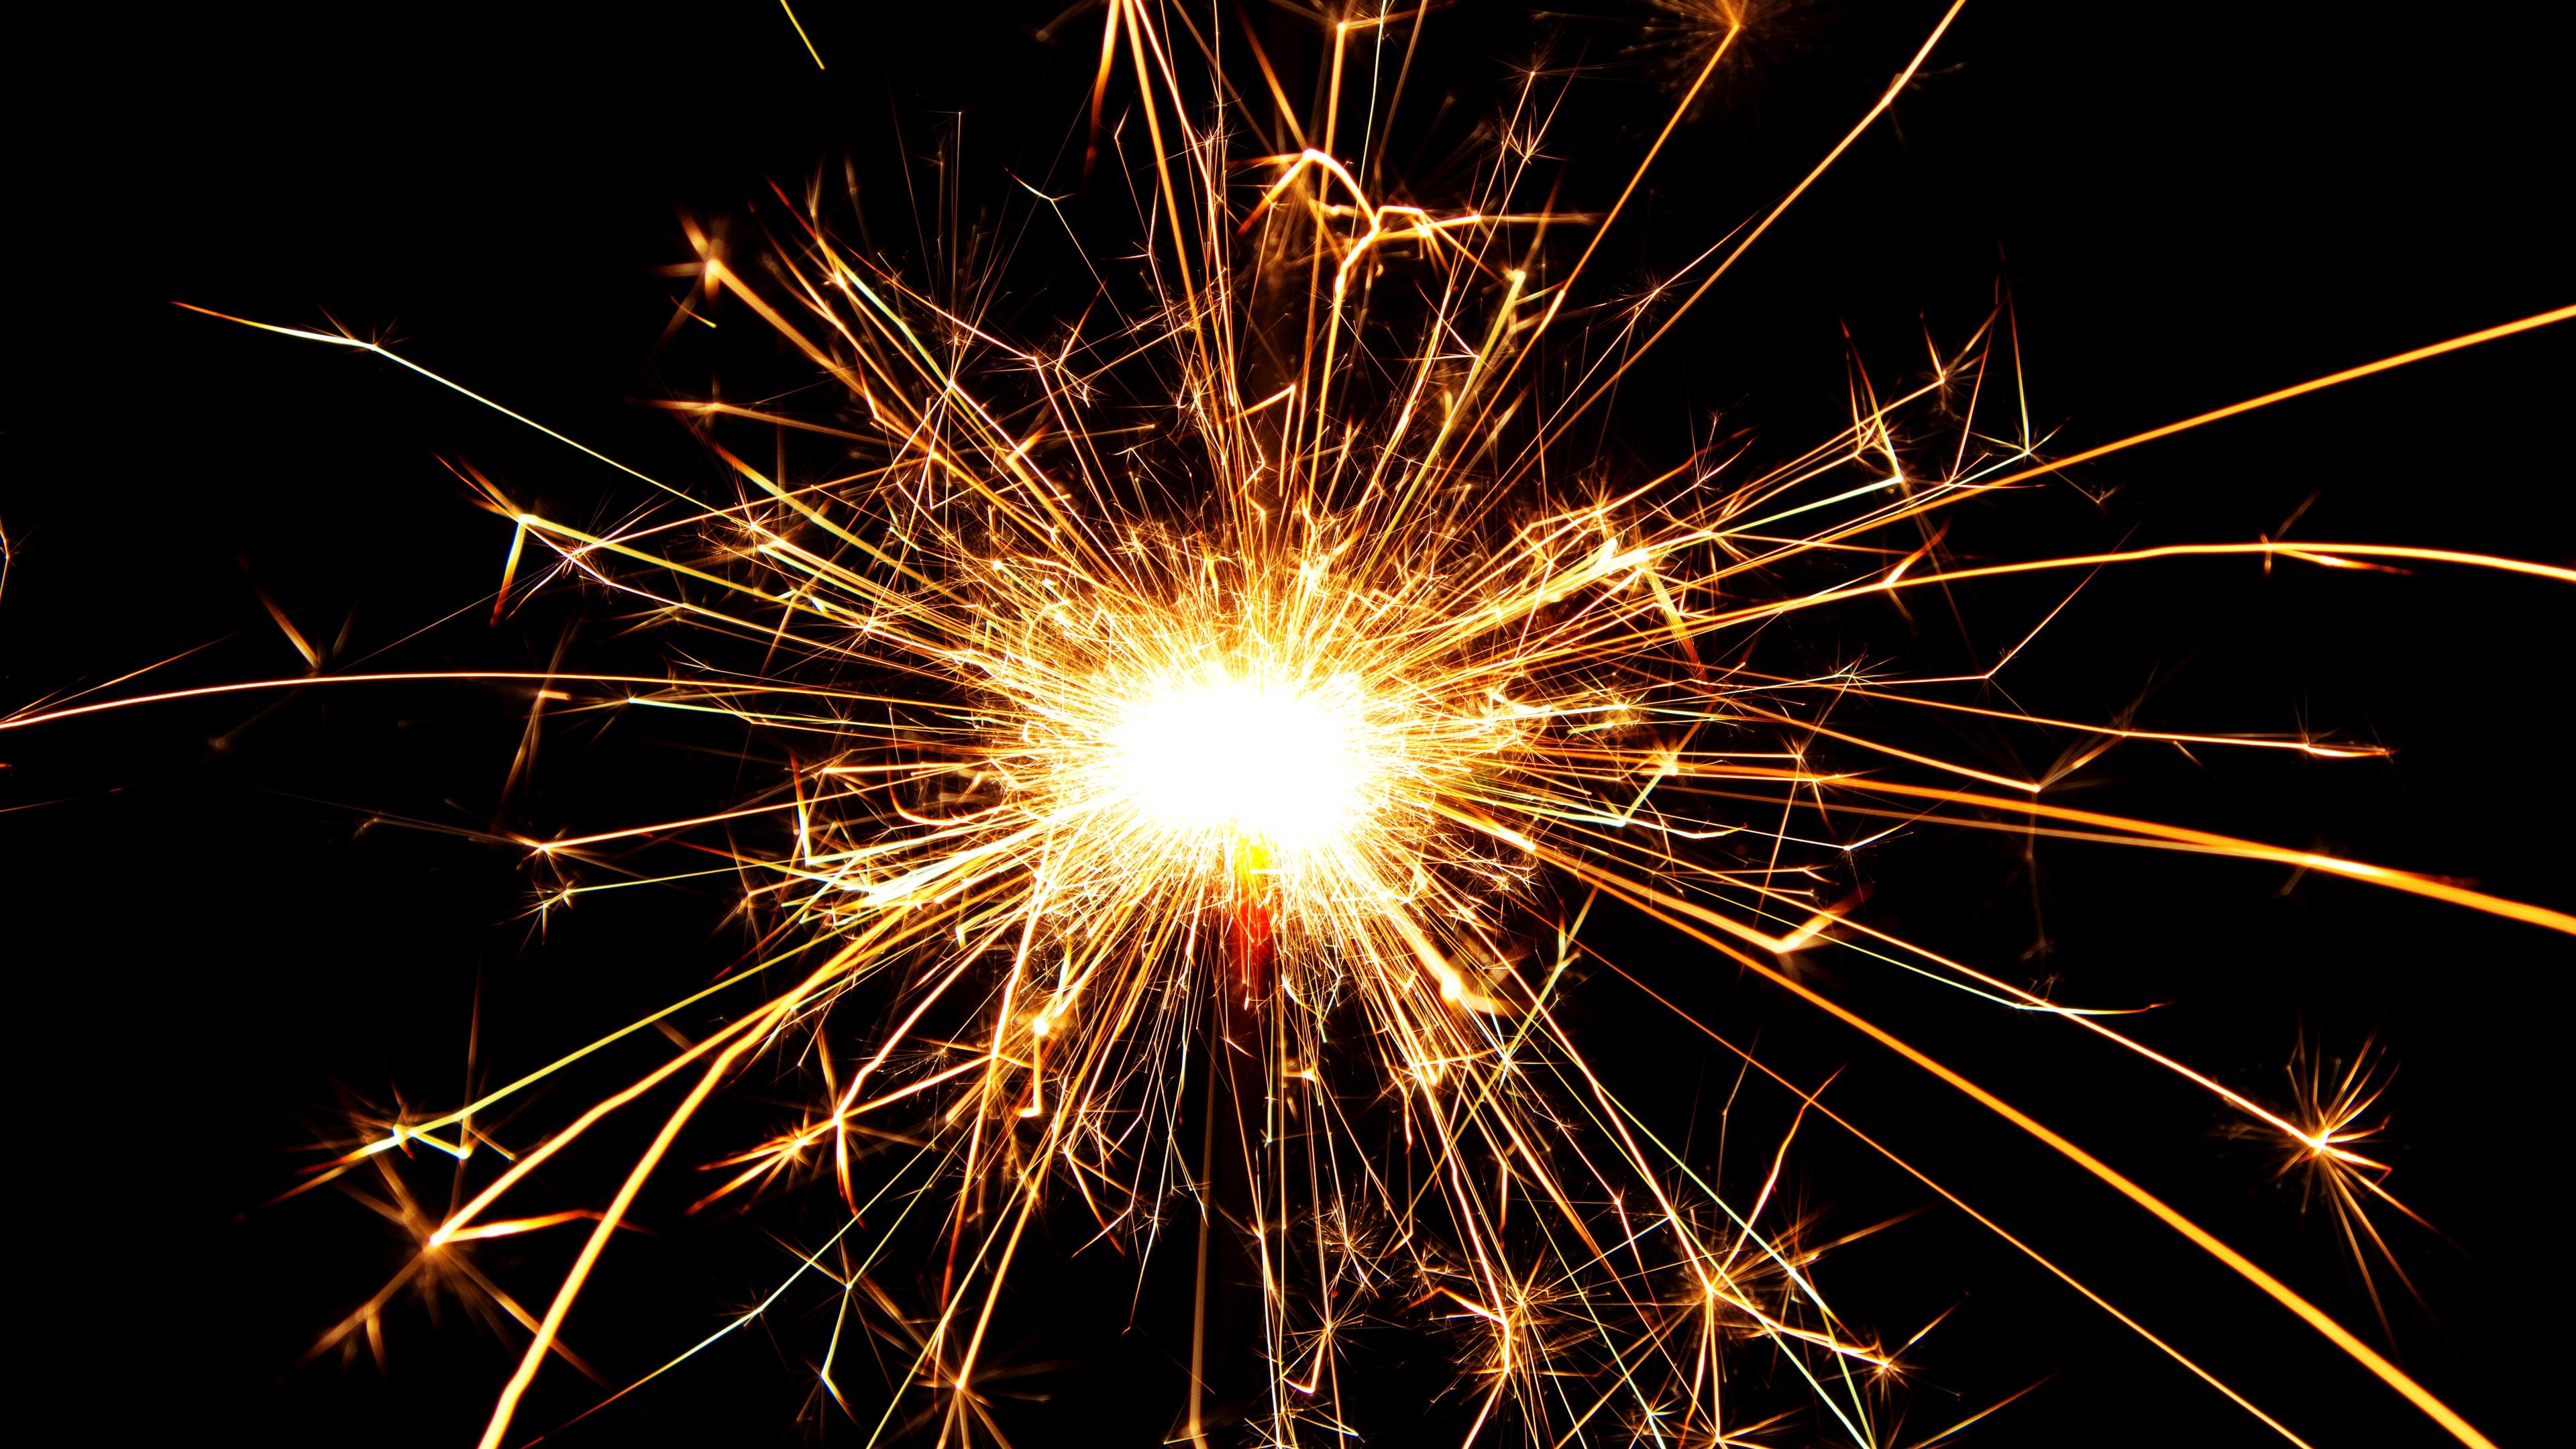 bengal fire sparks glitter bright light 4k 1538344465 - bengal fire, sparks, glitter, bright, light 4k - Sparks, Glitter, bengal fire